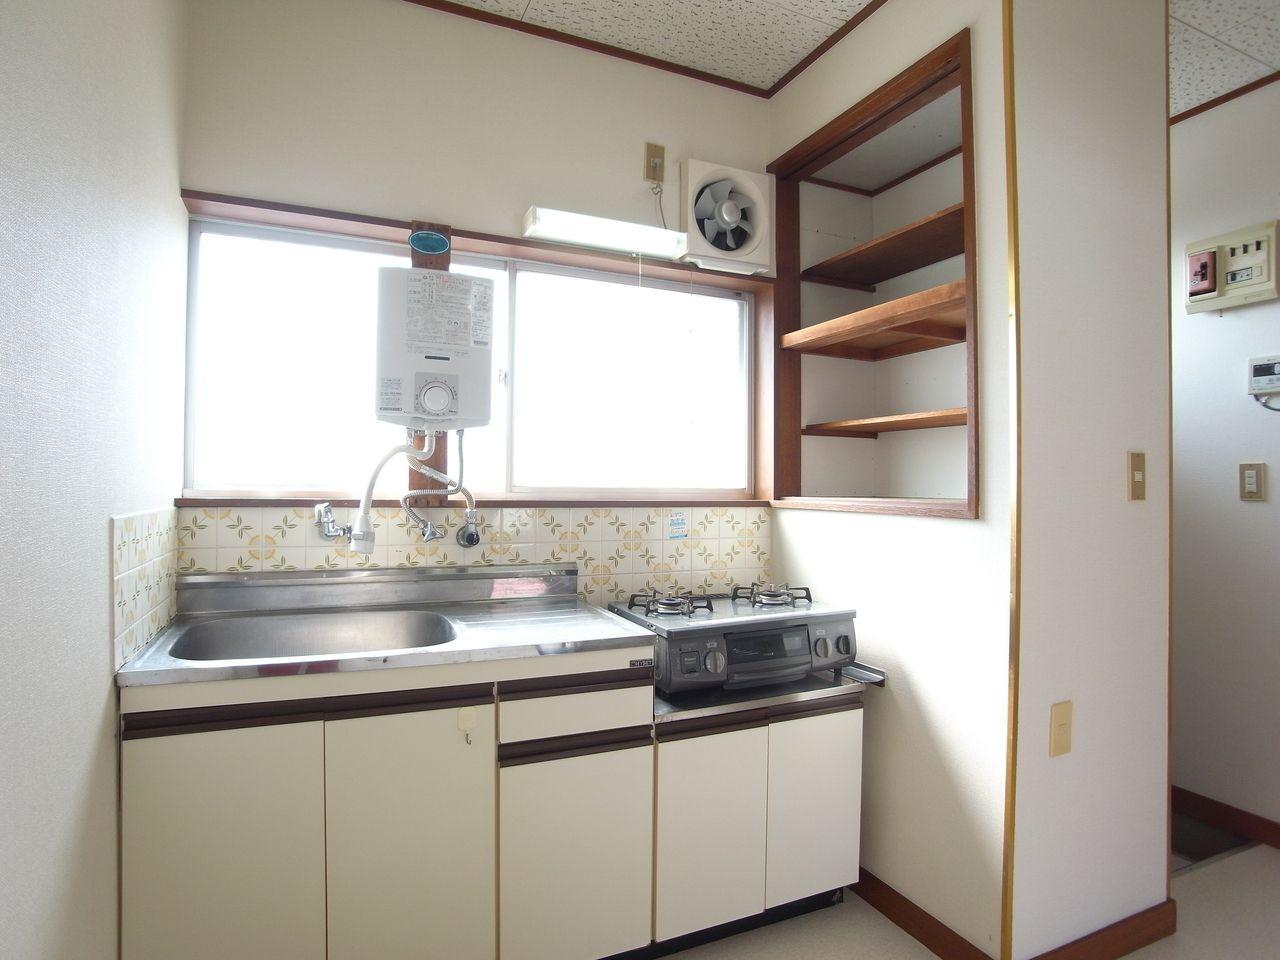 収納棚もあり、適度な広さで使いやすいです